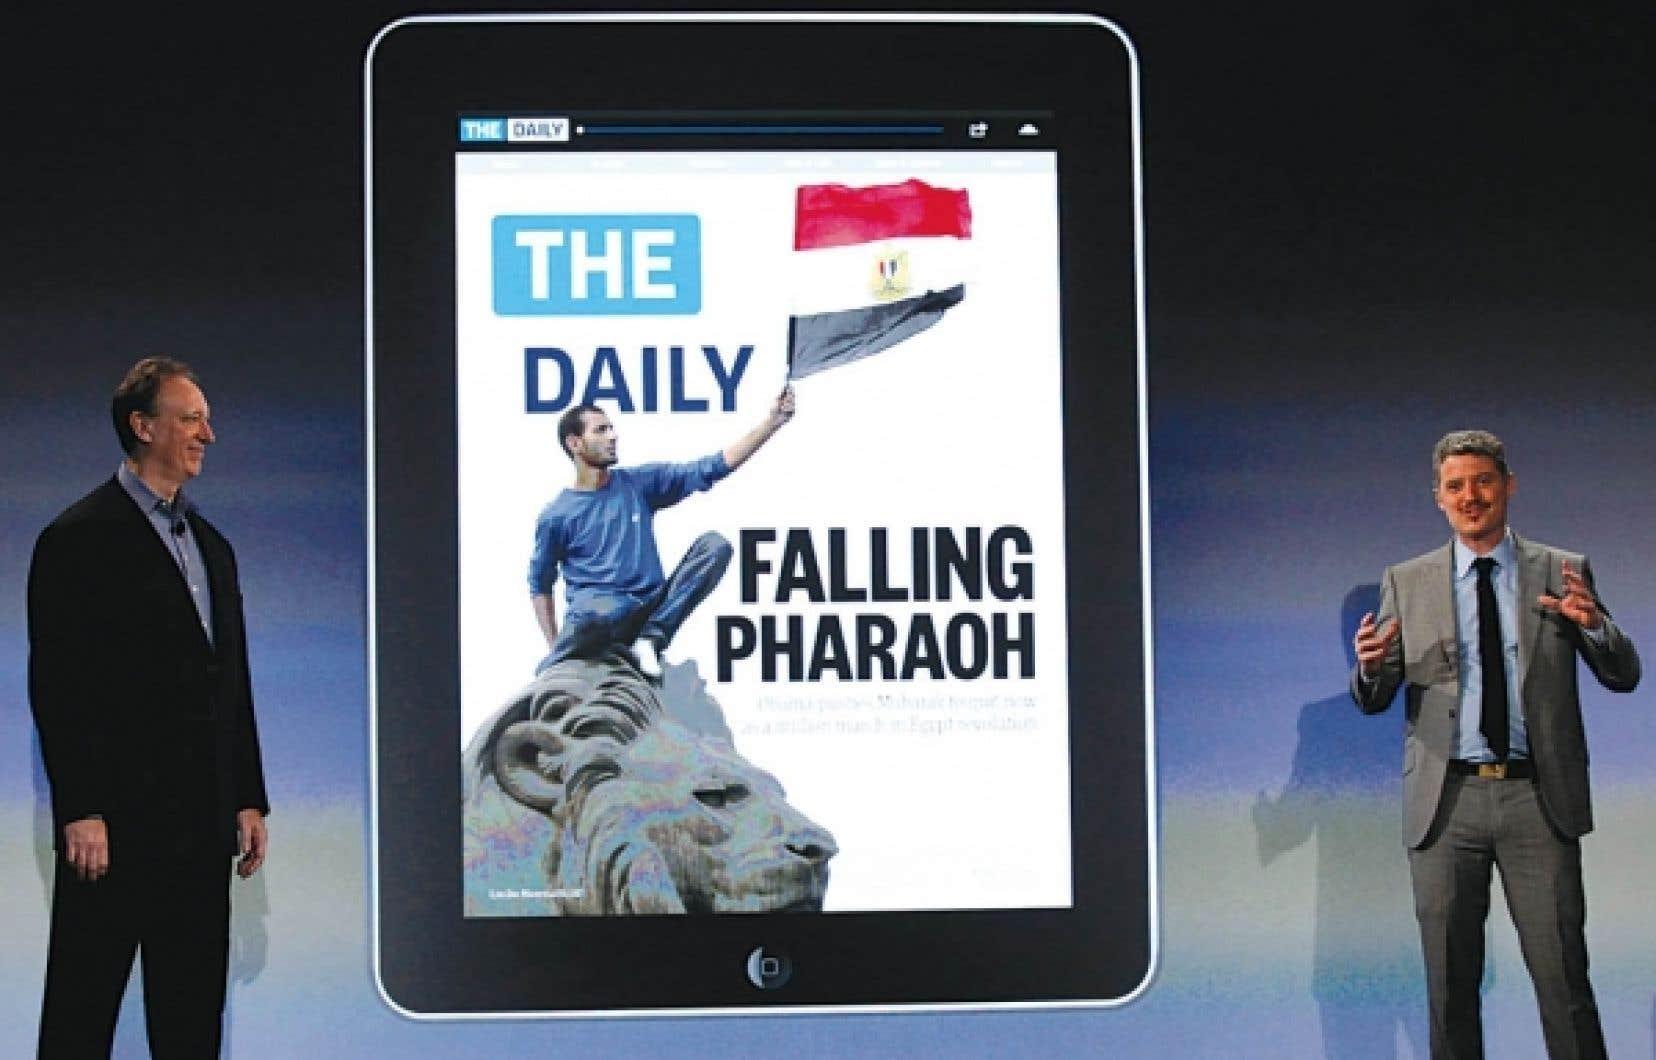 Le journal expérimental, appelé The Daily, a été publié pour la première fois hier.